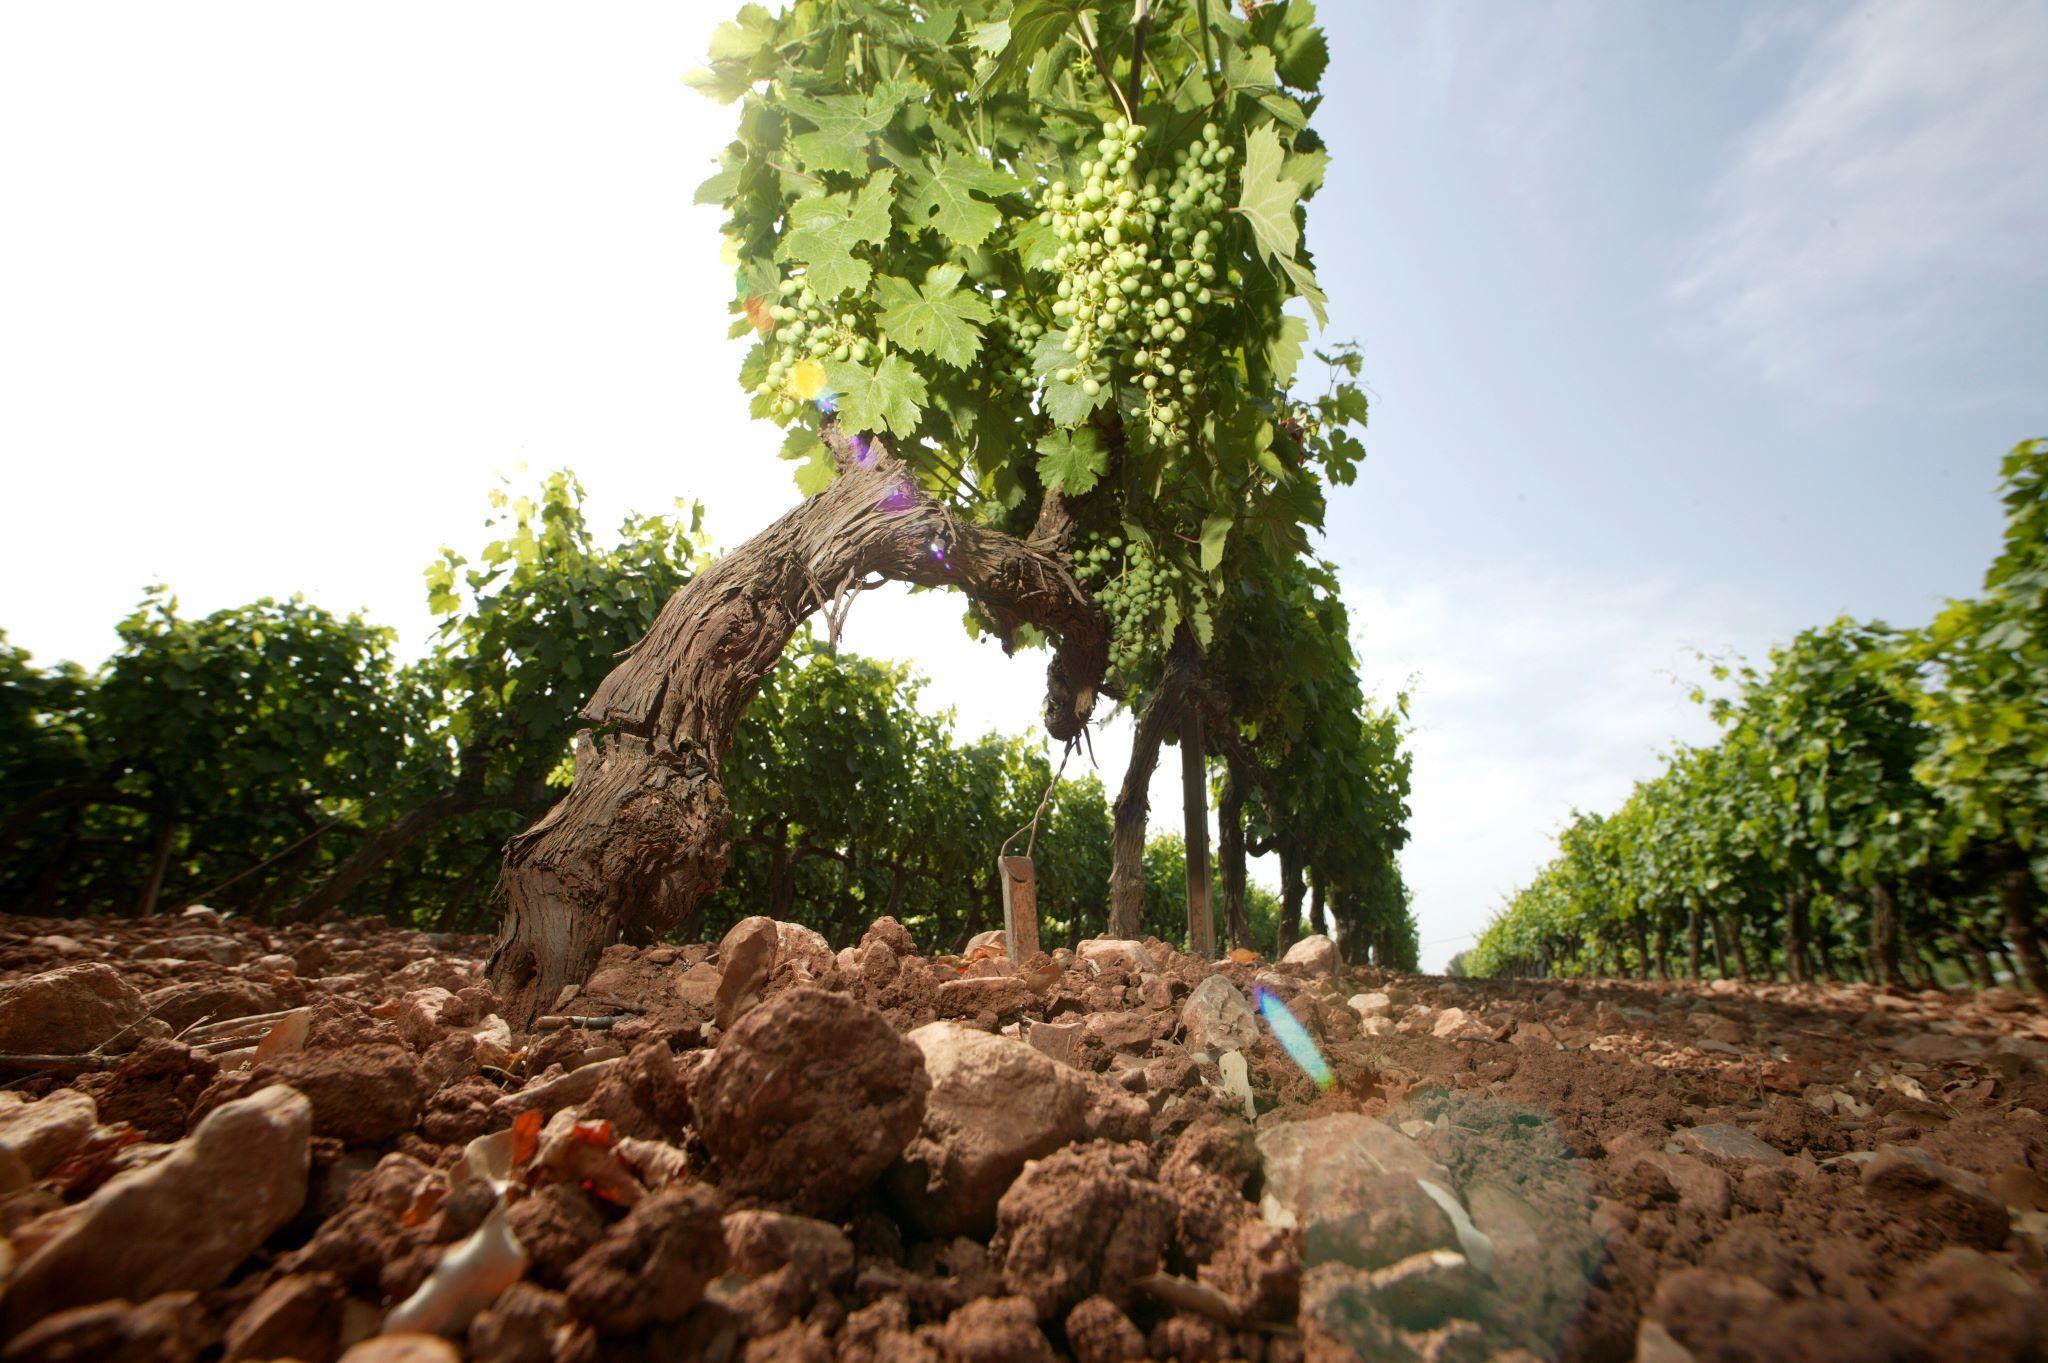 170303-Buy-Better-Wine-Vineyard.jpg#asset:287367